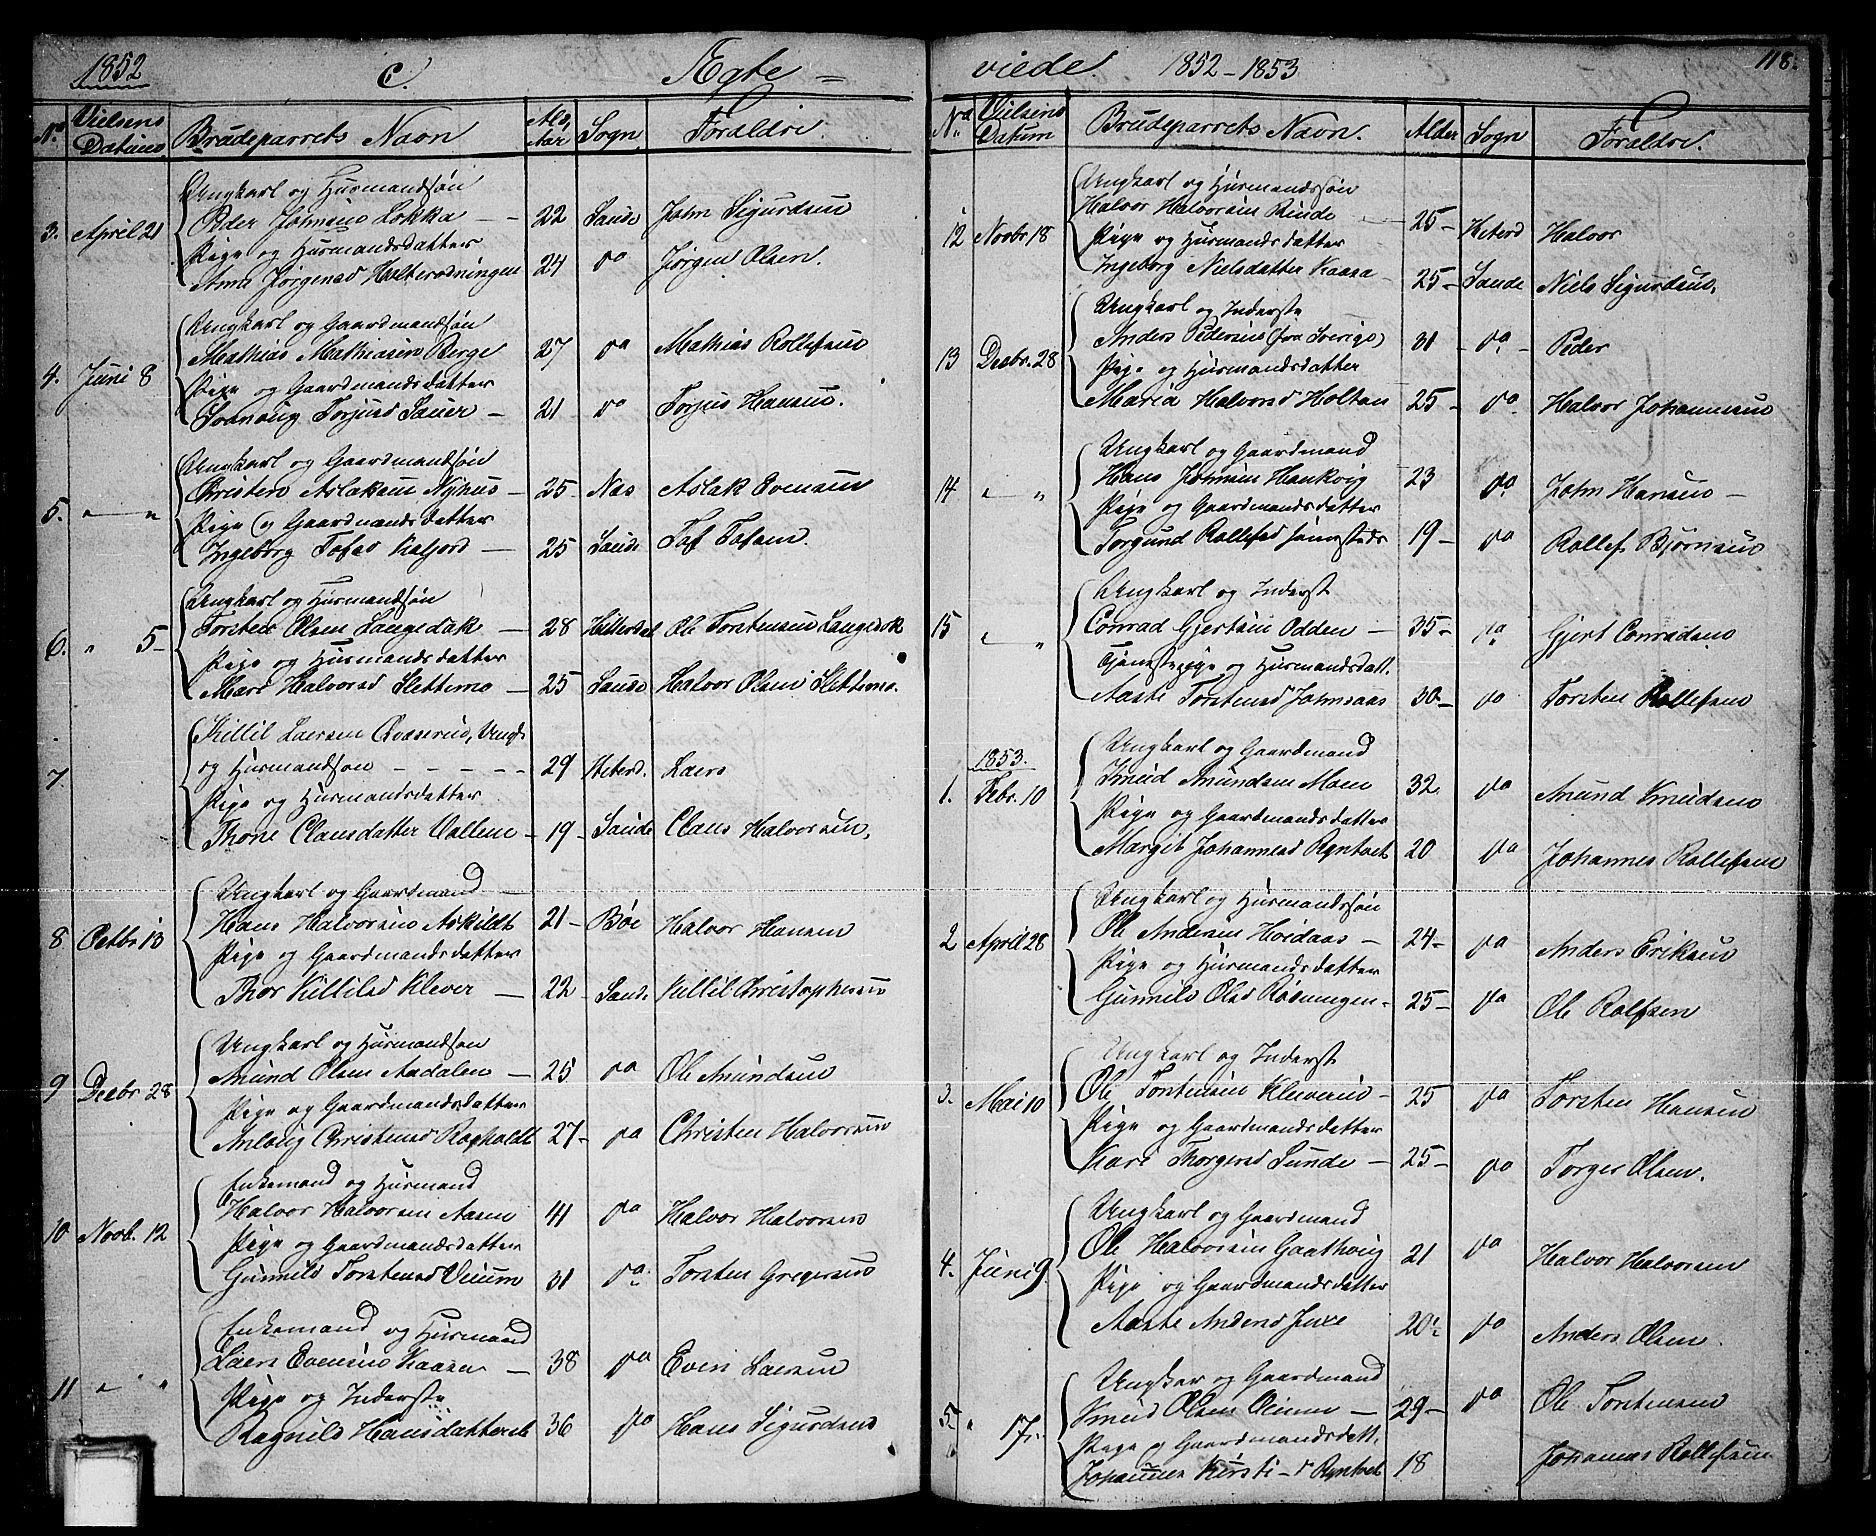 SAKO, Sauherad kirkebøker, G/Ga/L0002: Klokkerbok nr. I 2, 1842-1866, s. 118